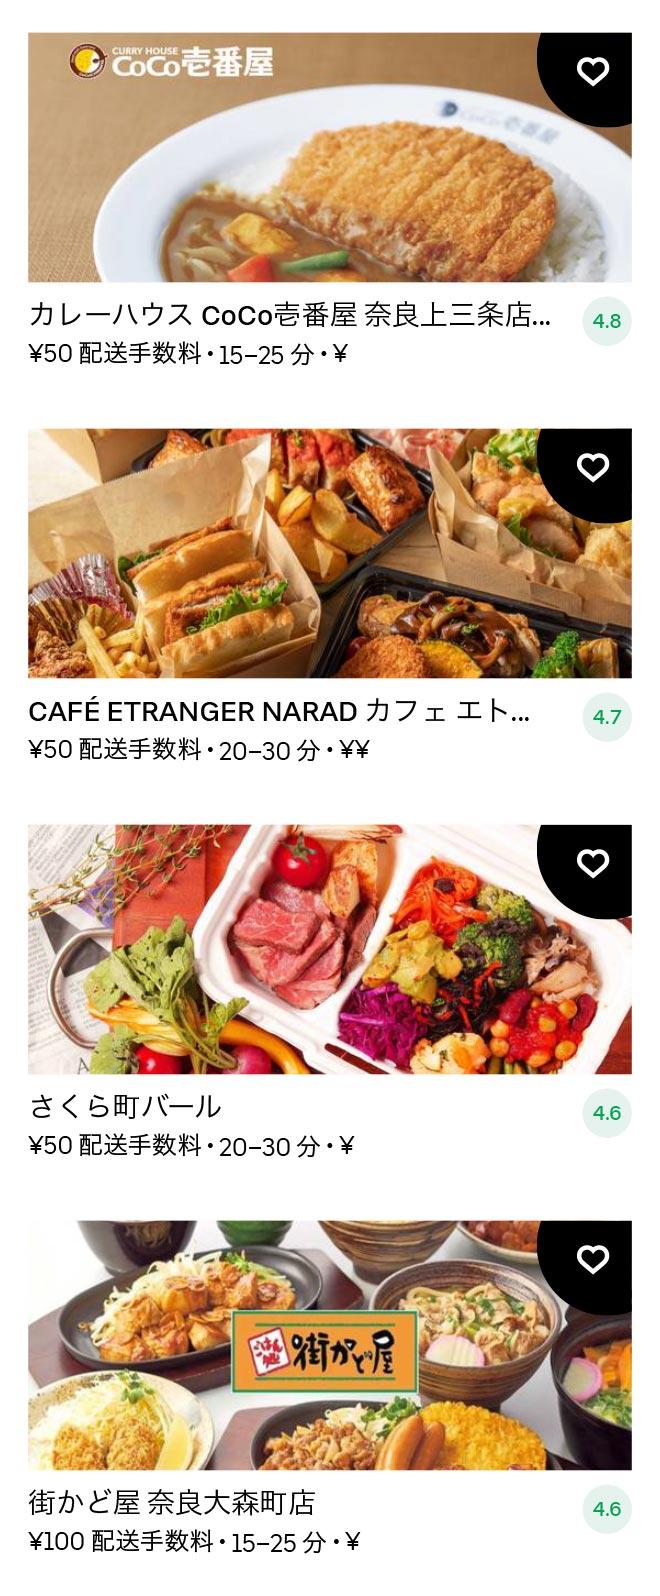 Nara menu 2011 04